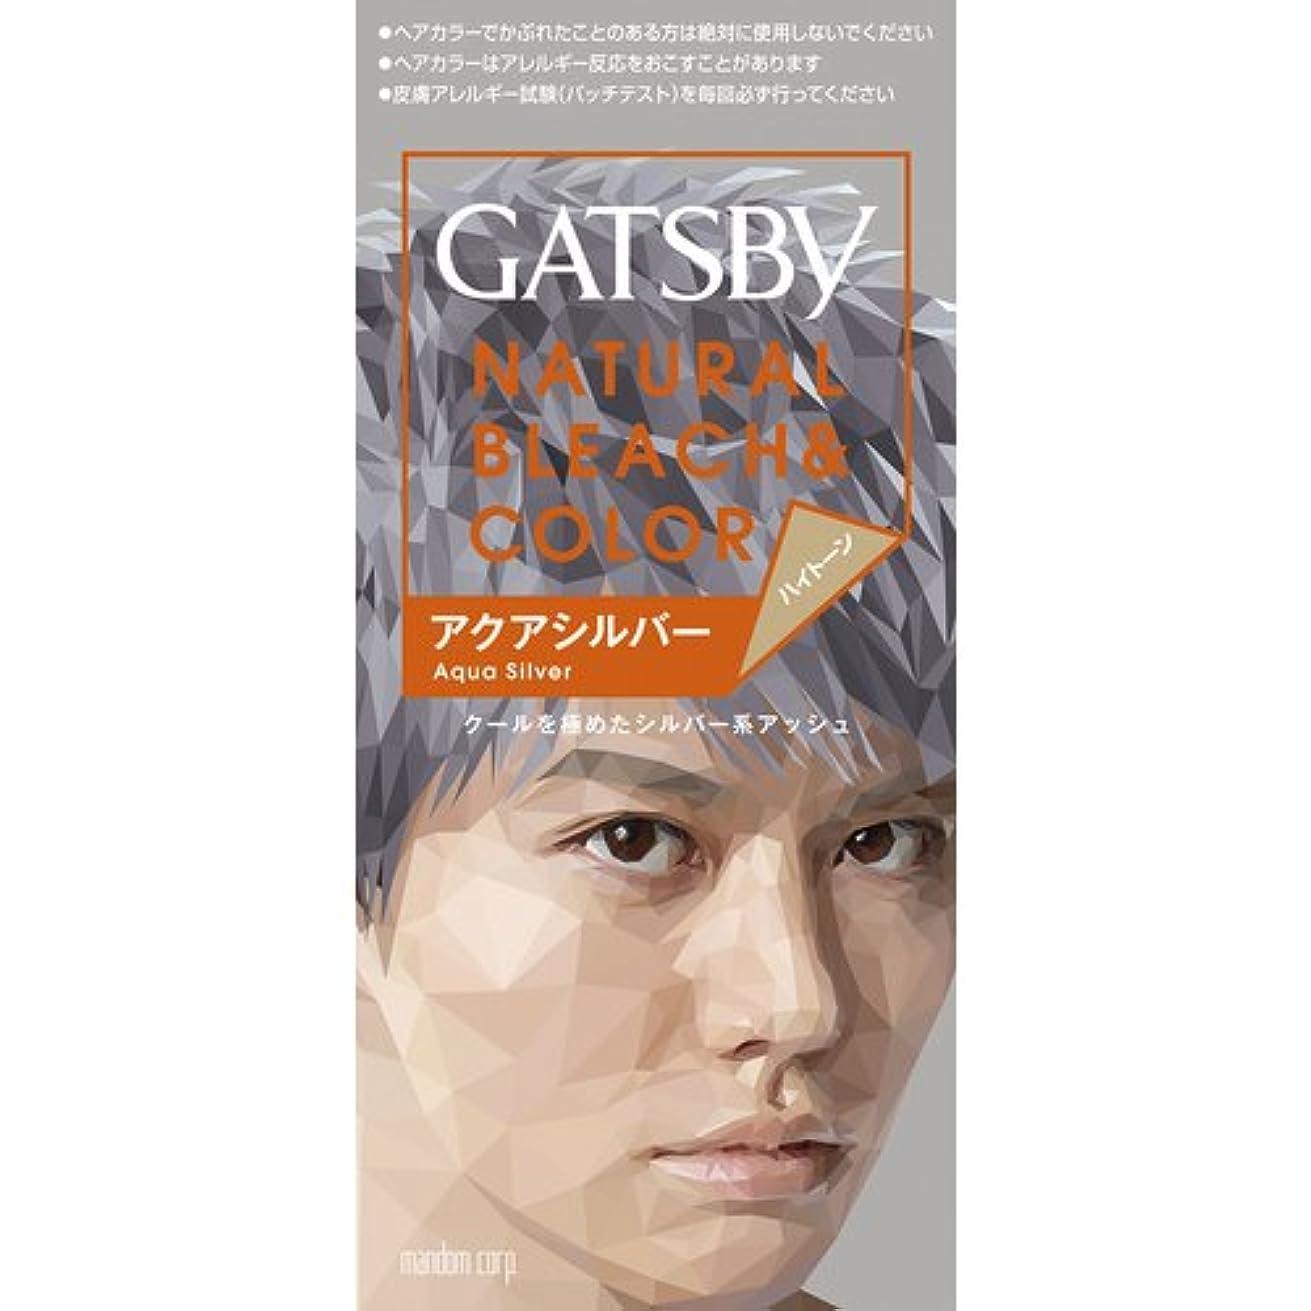 脳大いに舞い上がるギャツビー(GATSBY) ナチュラルブリーチカラー アクアシルバー 35g+70ml [医薬部外品]